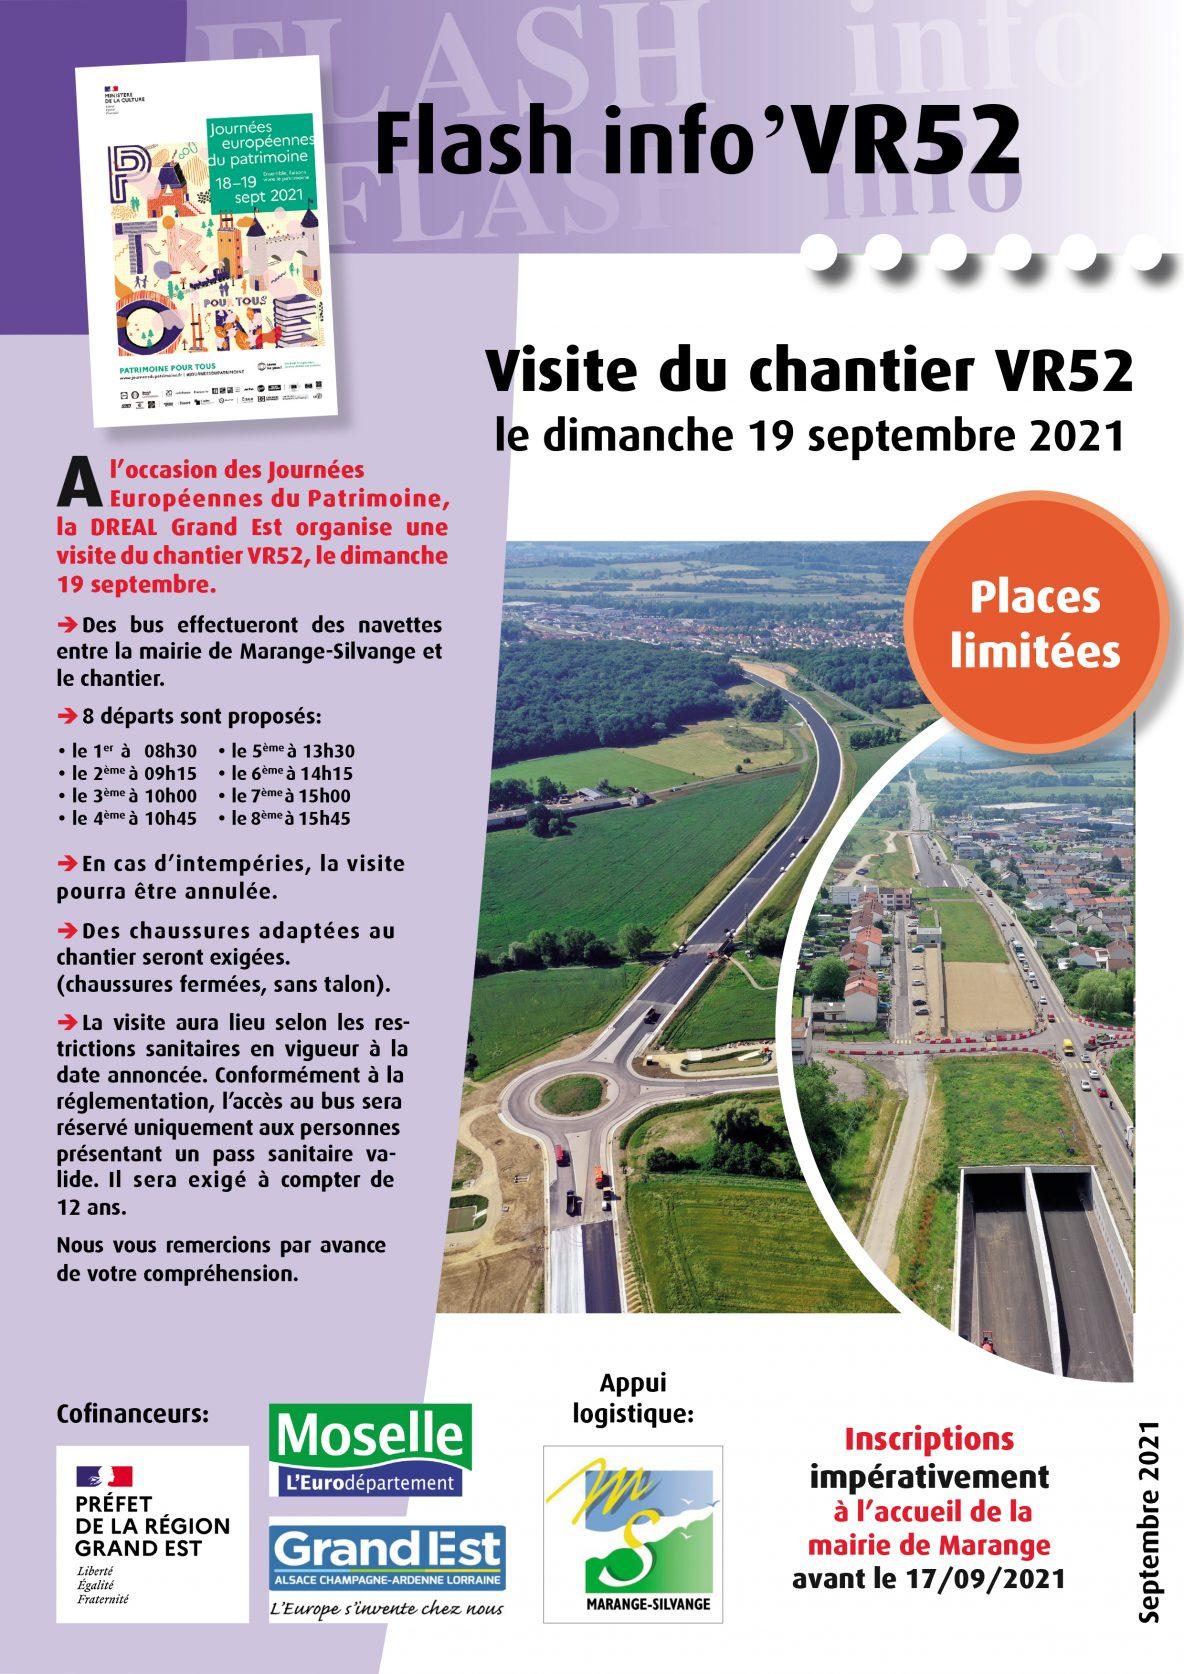 Journée du patrimoine visite chantier VR52